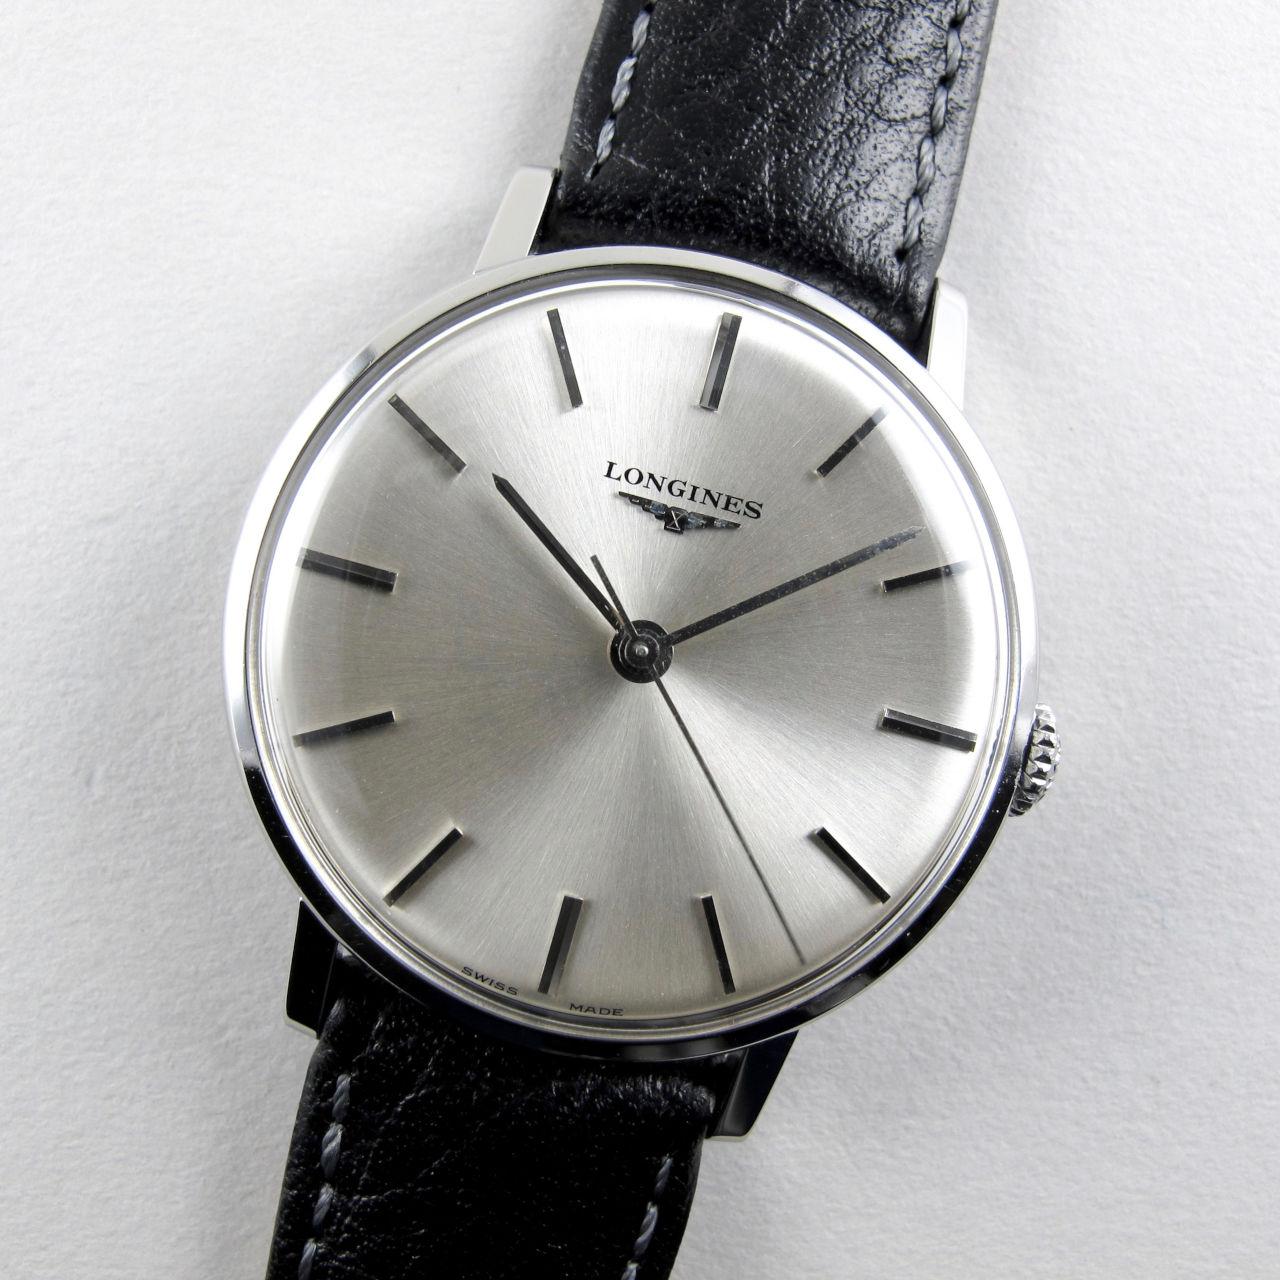 Longines Ref. 8901 -1 steel vintage wristwatch, circa 1965